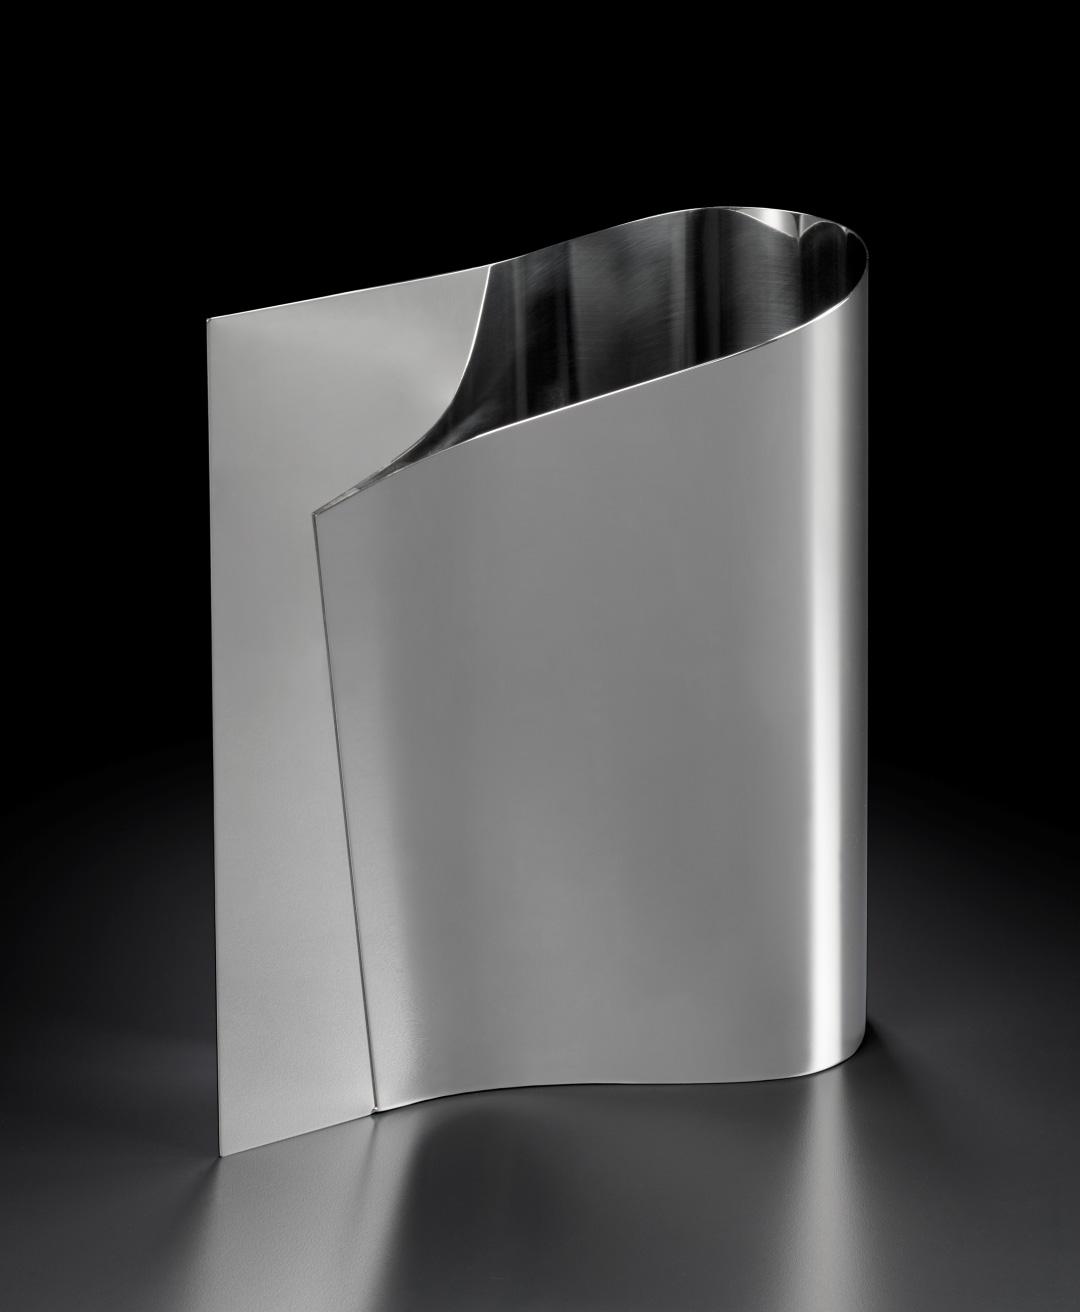 Vase. Les deux extrémités d'une feuille d'acier se rejoignent d'un côté pour former une ouverture arrondie de l'autre.